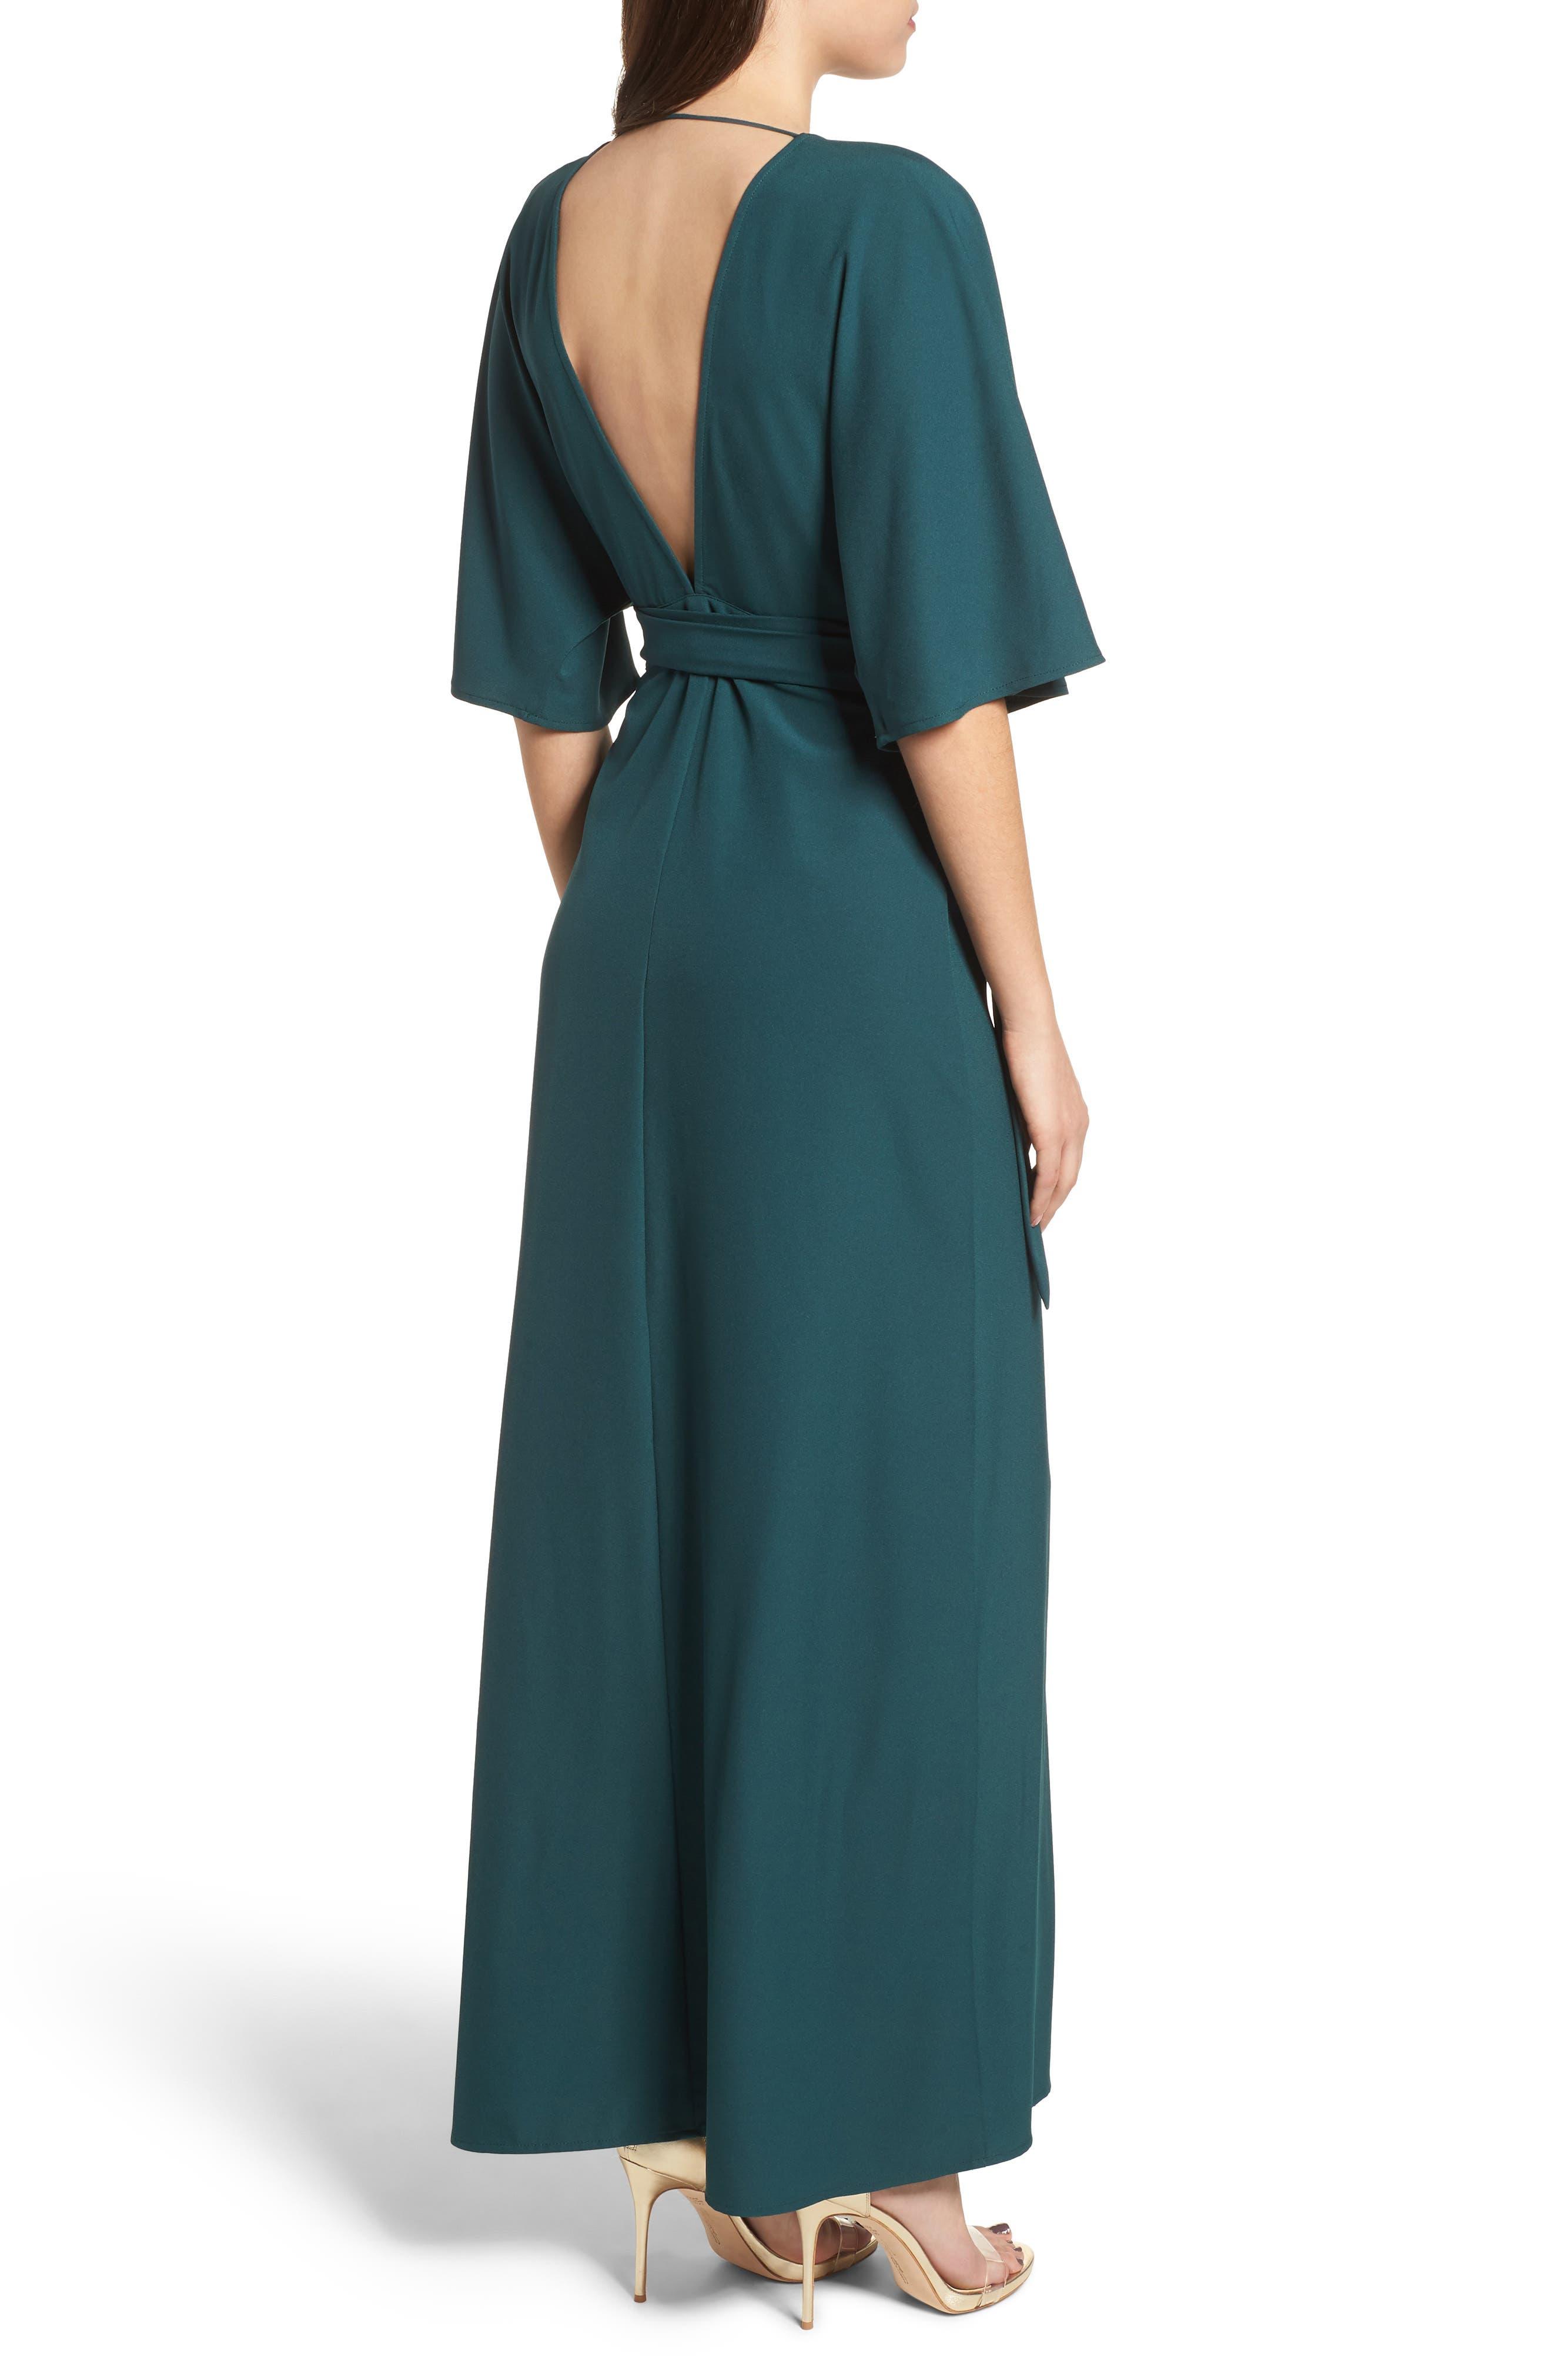 Kimono Maxi Dress,                             Alternate thumbnail 2, color,                             301